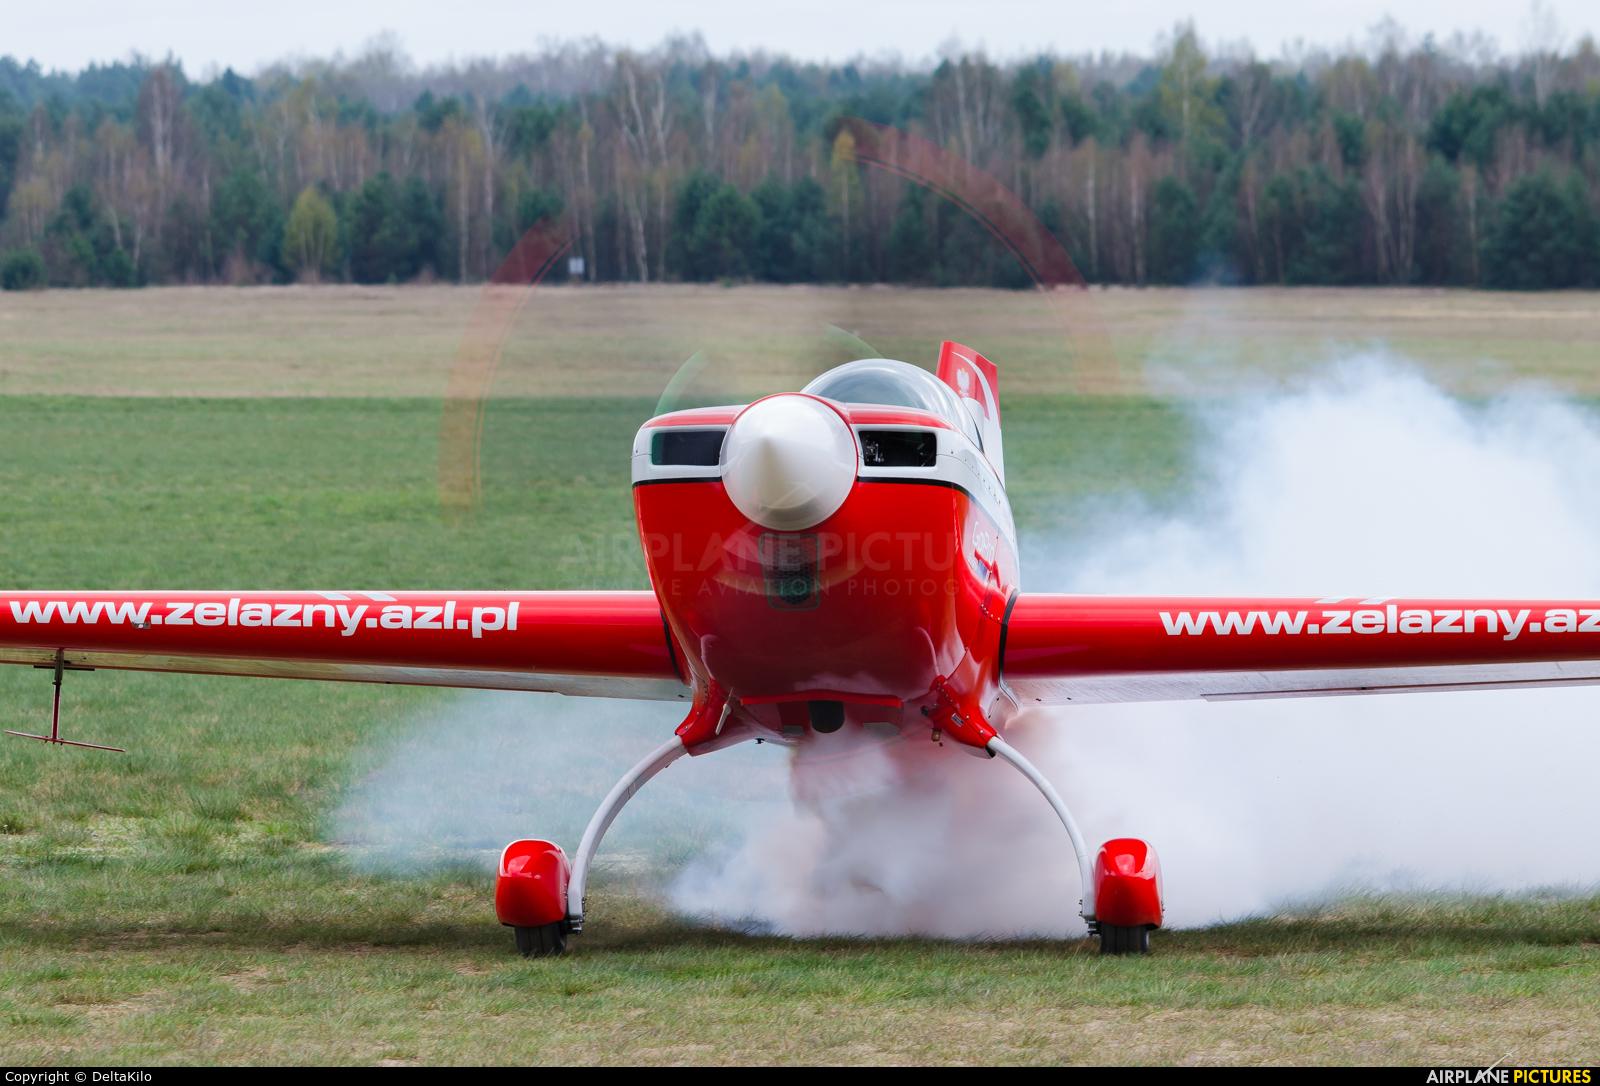 Grupa Akrobacyjna Żelazny - Acrobatic Group SP-AUP aircraft at Poznań - Kobylnica